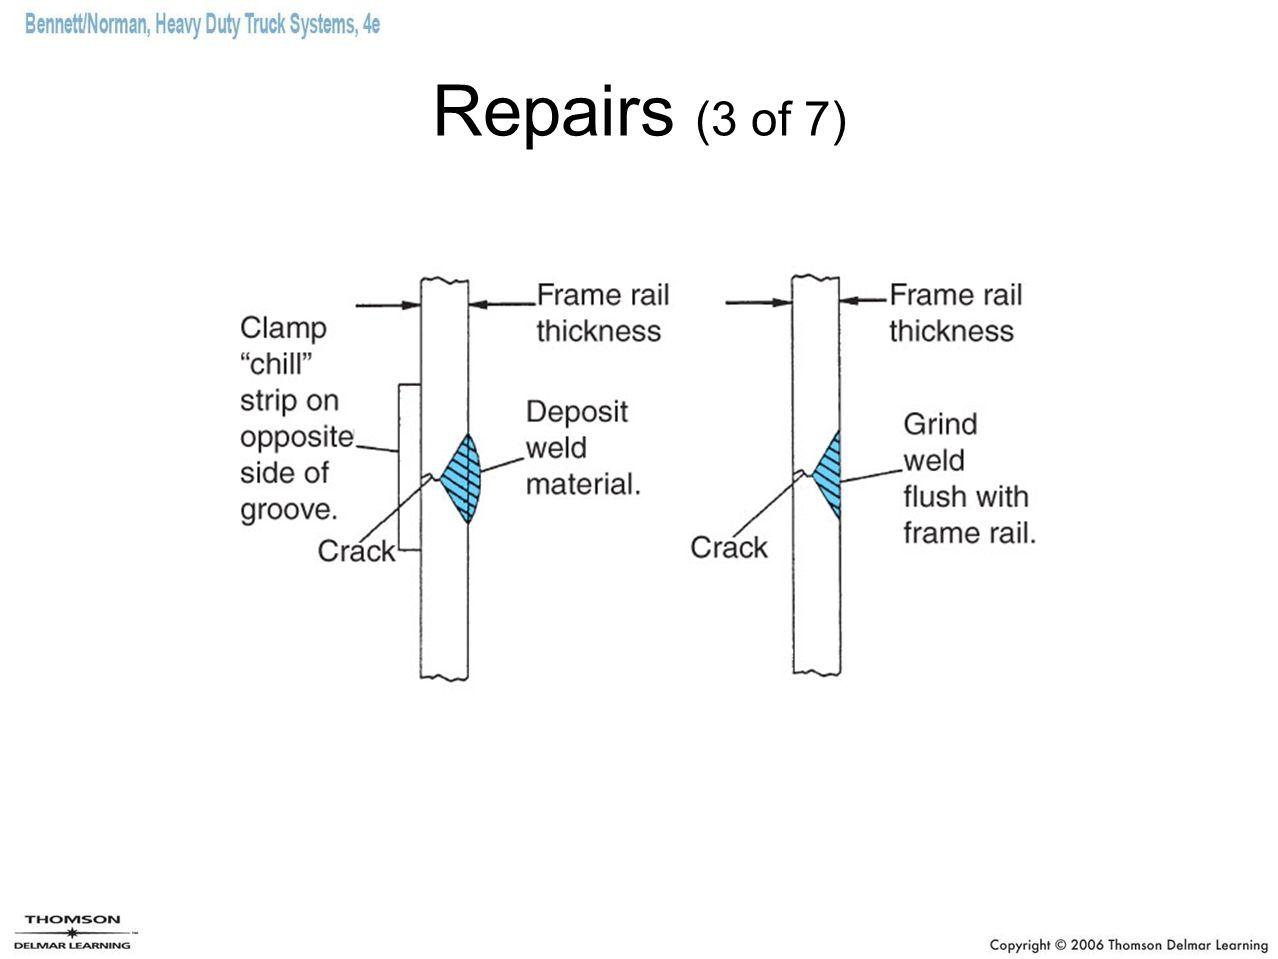 Repairs (3 of 7)